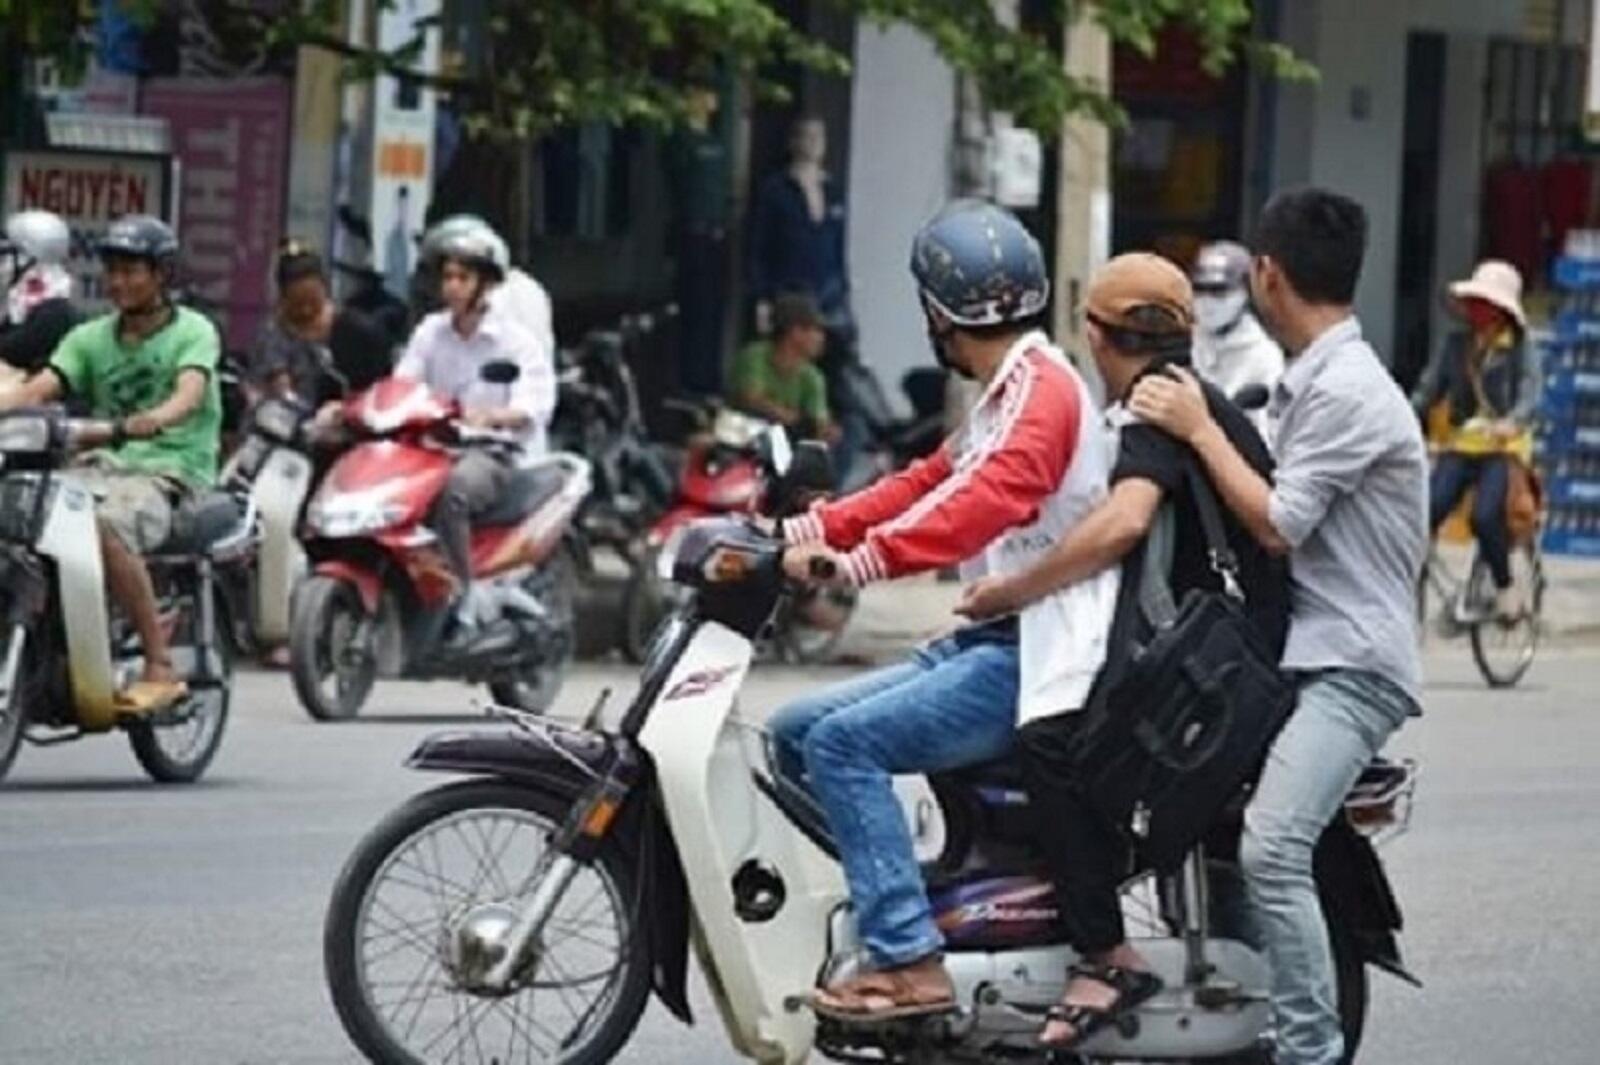 truong-hop-nao-duoc-kep-3-khi-dieu-khien-xe-may-1.jpg